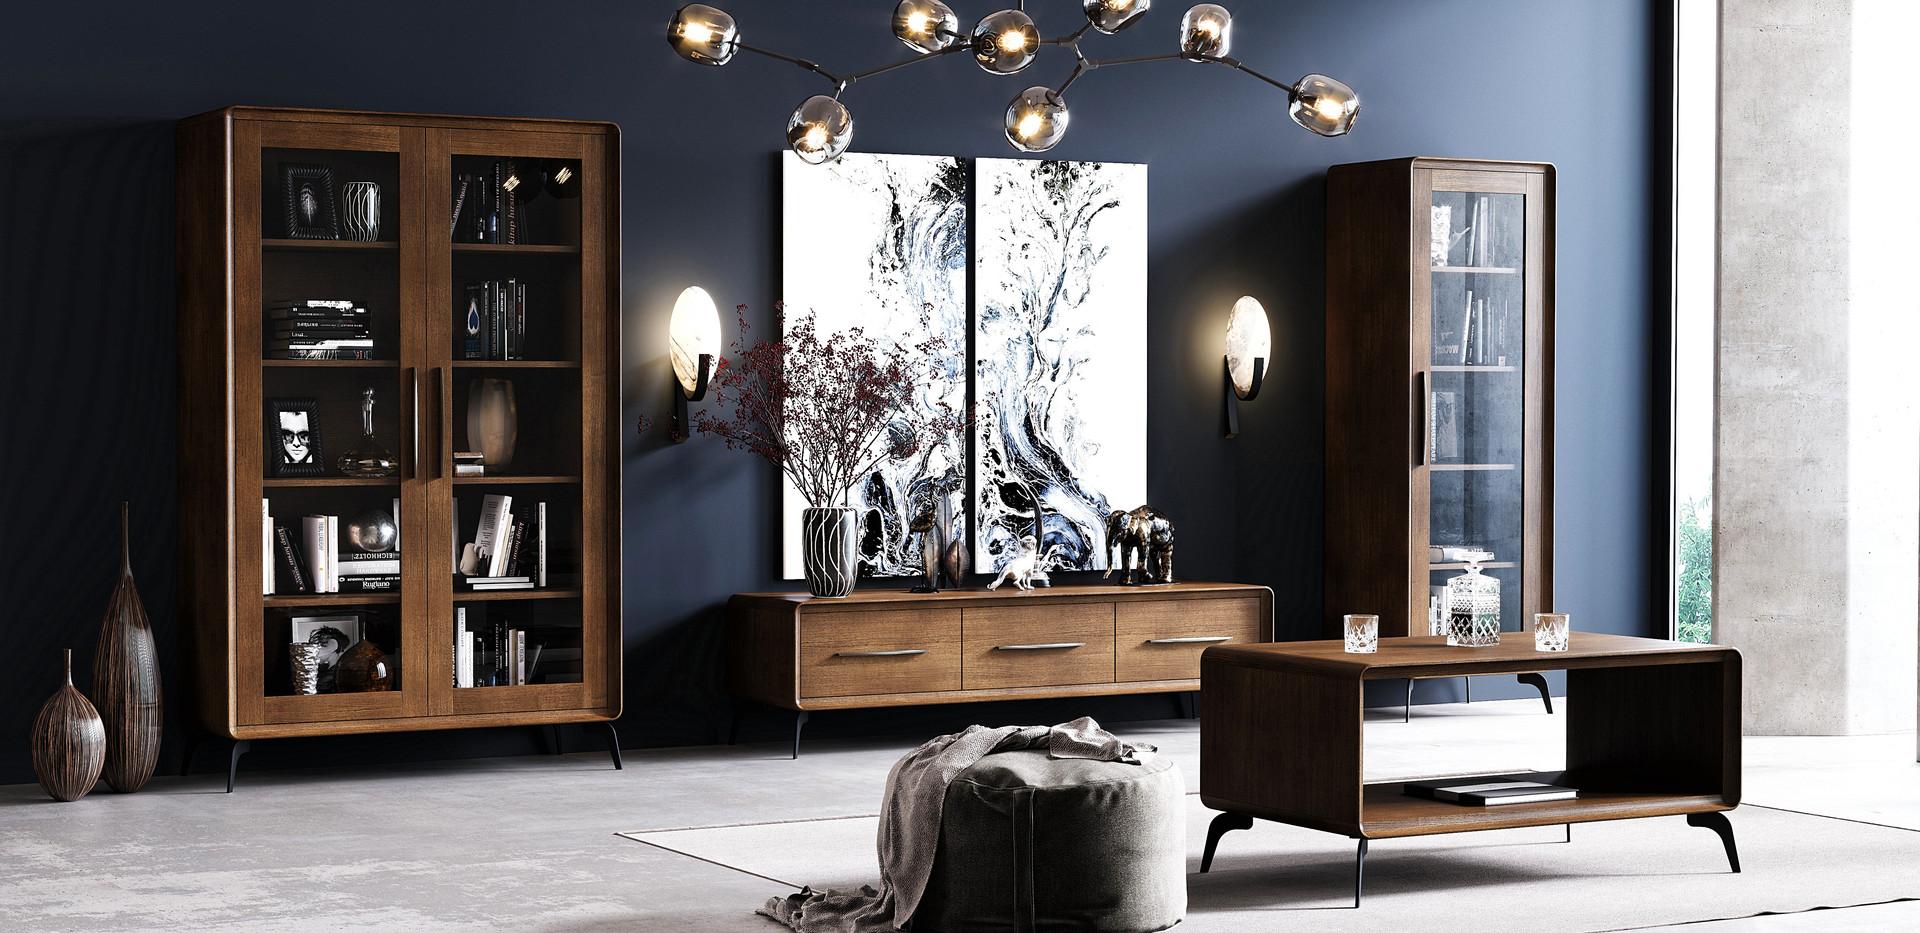 Living room_02_Post.jpg